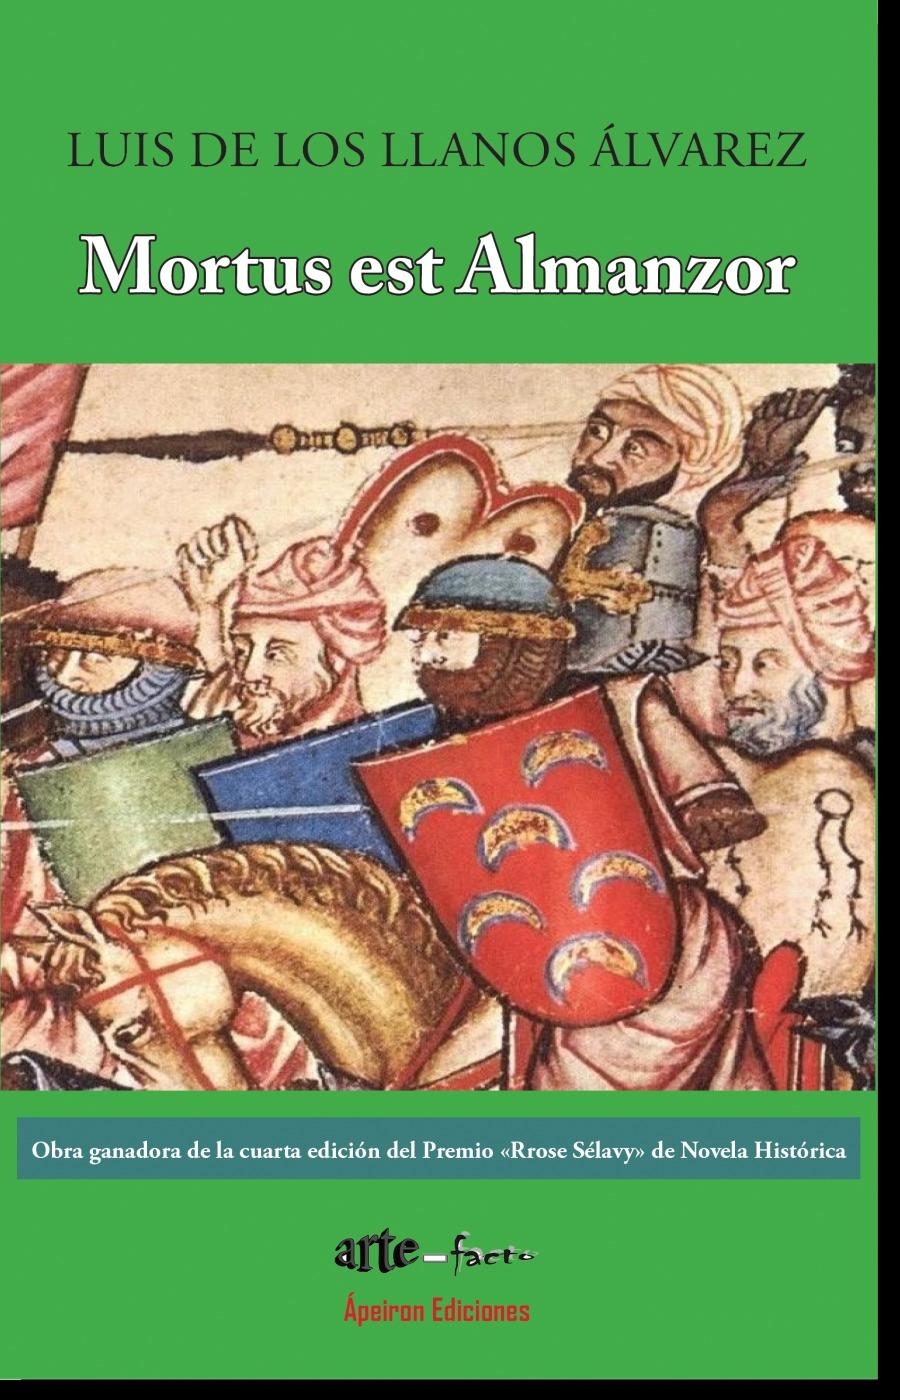 Mortus est Almanzor     Obra ganadora de la cuarta edicién del Premio «Rrose Sélavy» de Novela Historica